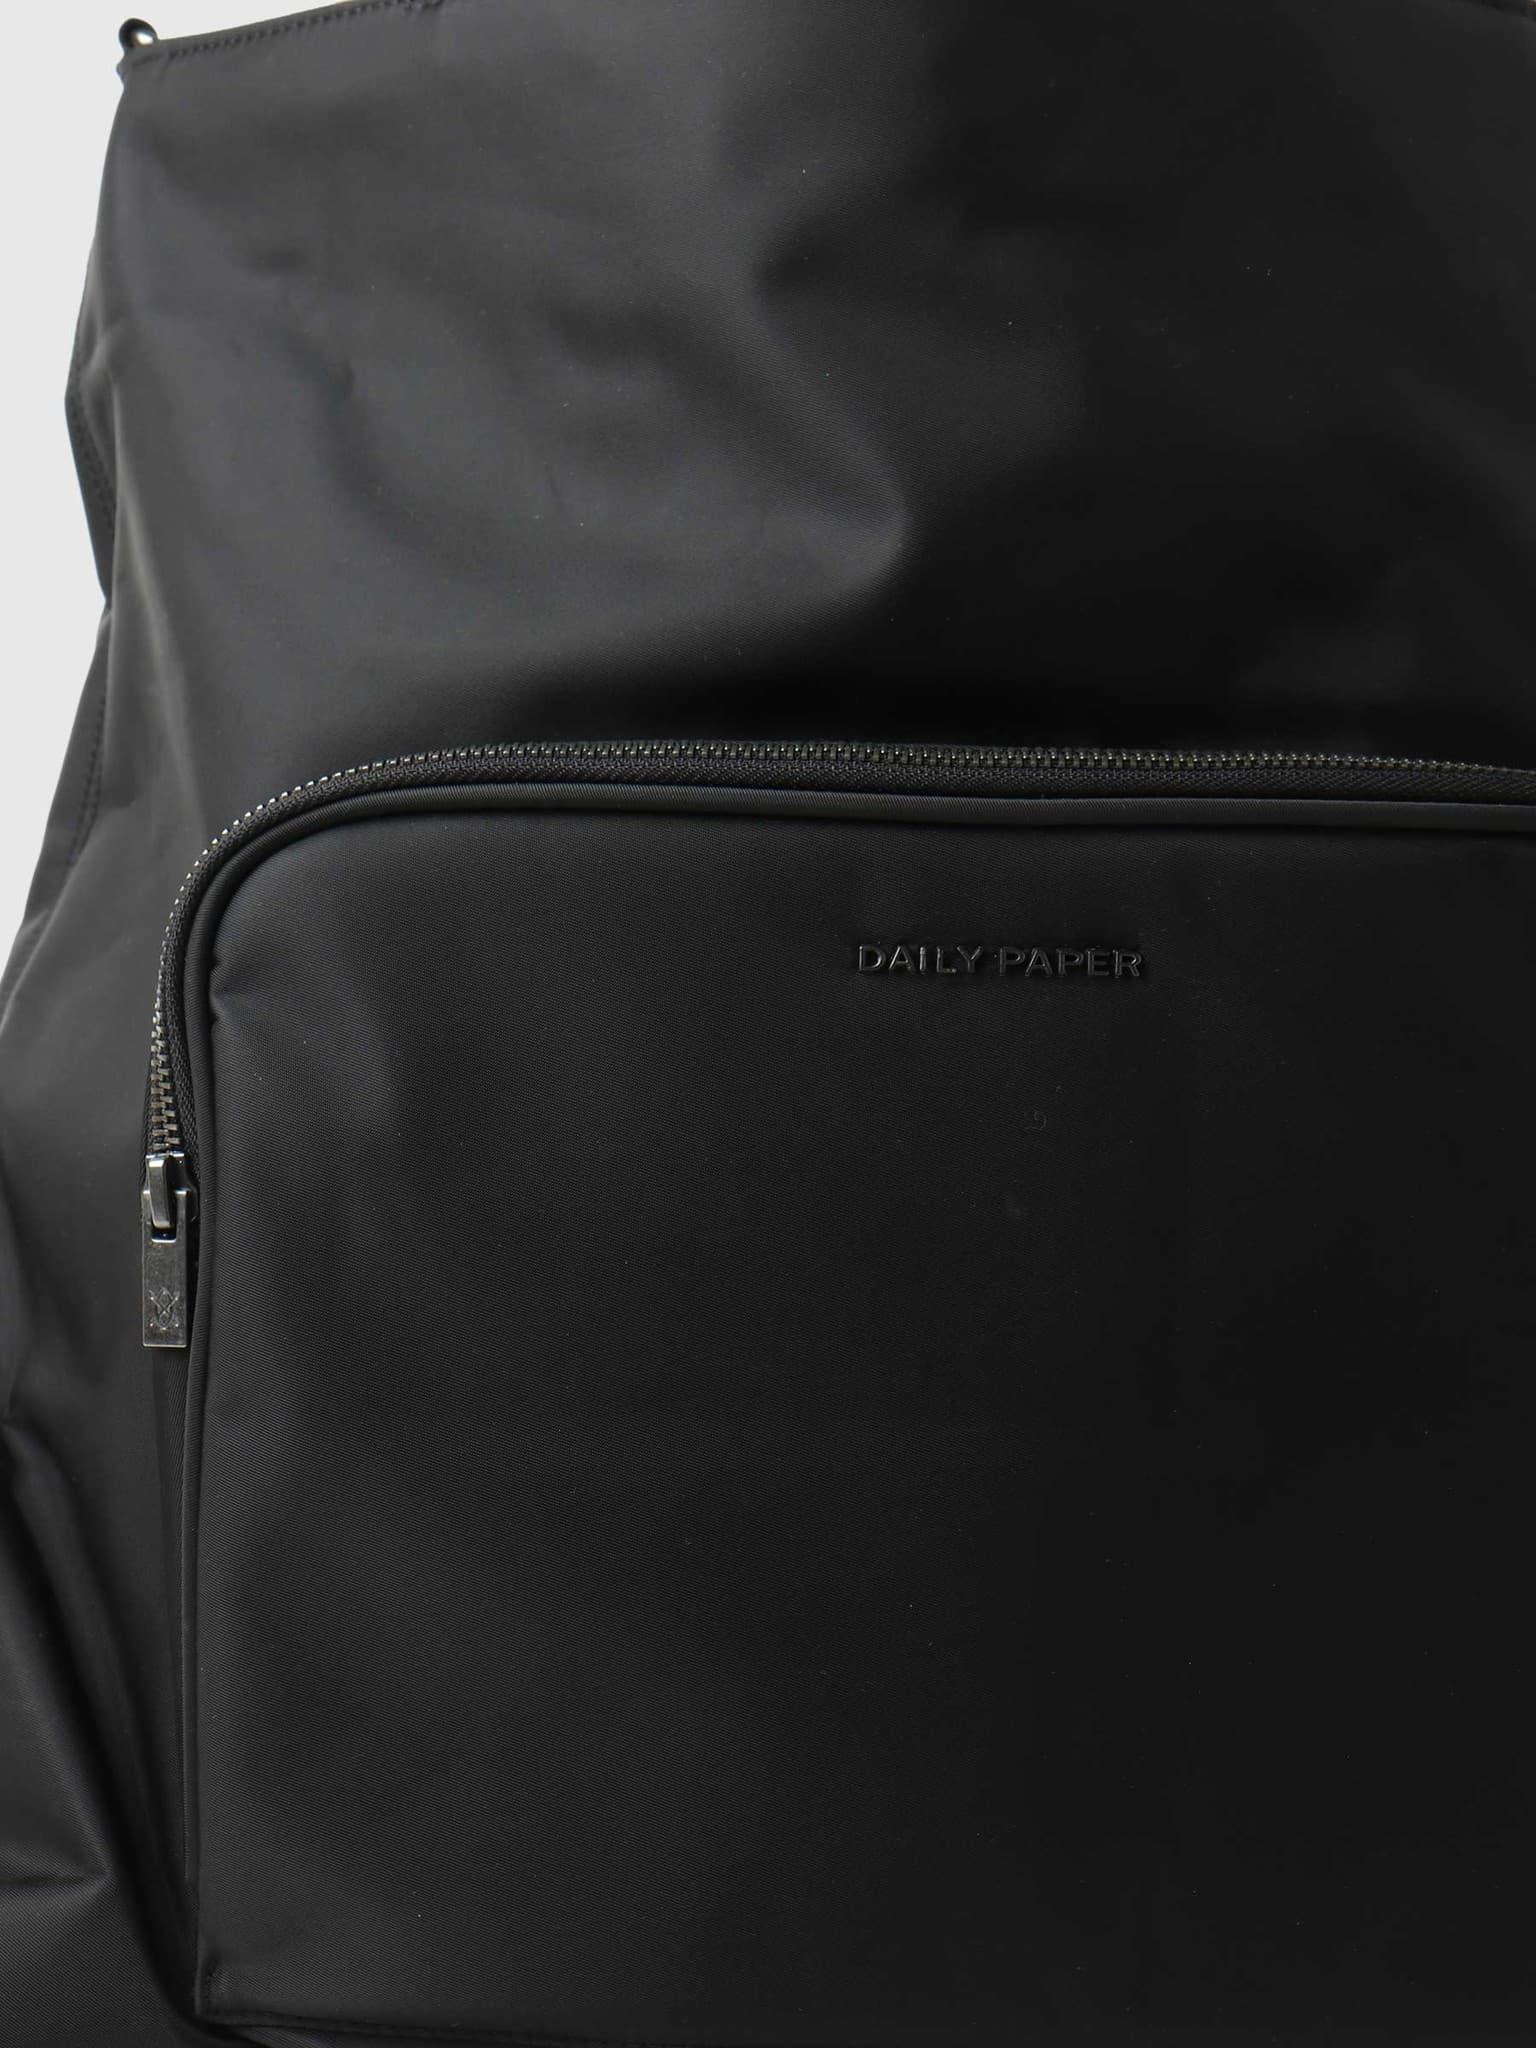 Lotote Bag Black 2121126